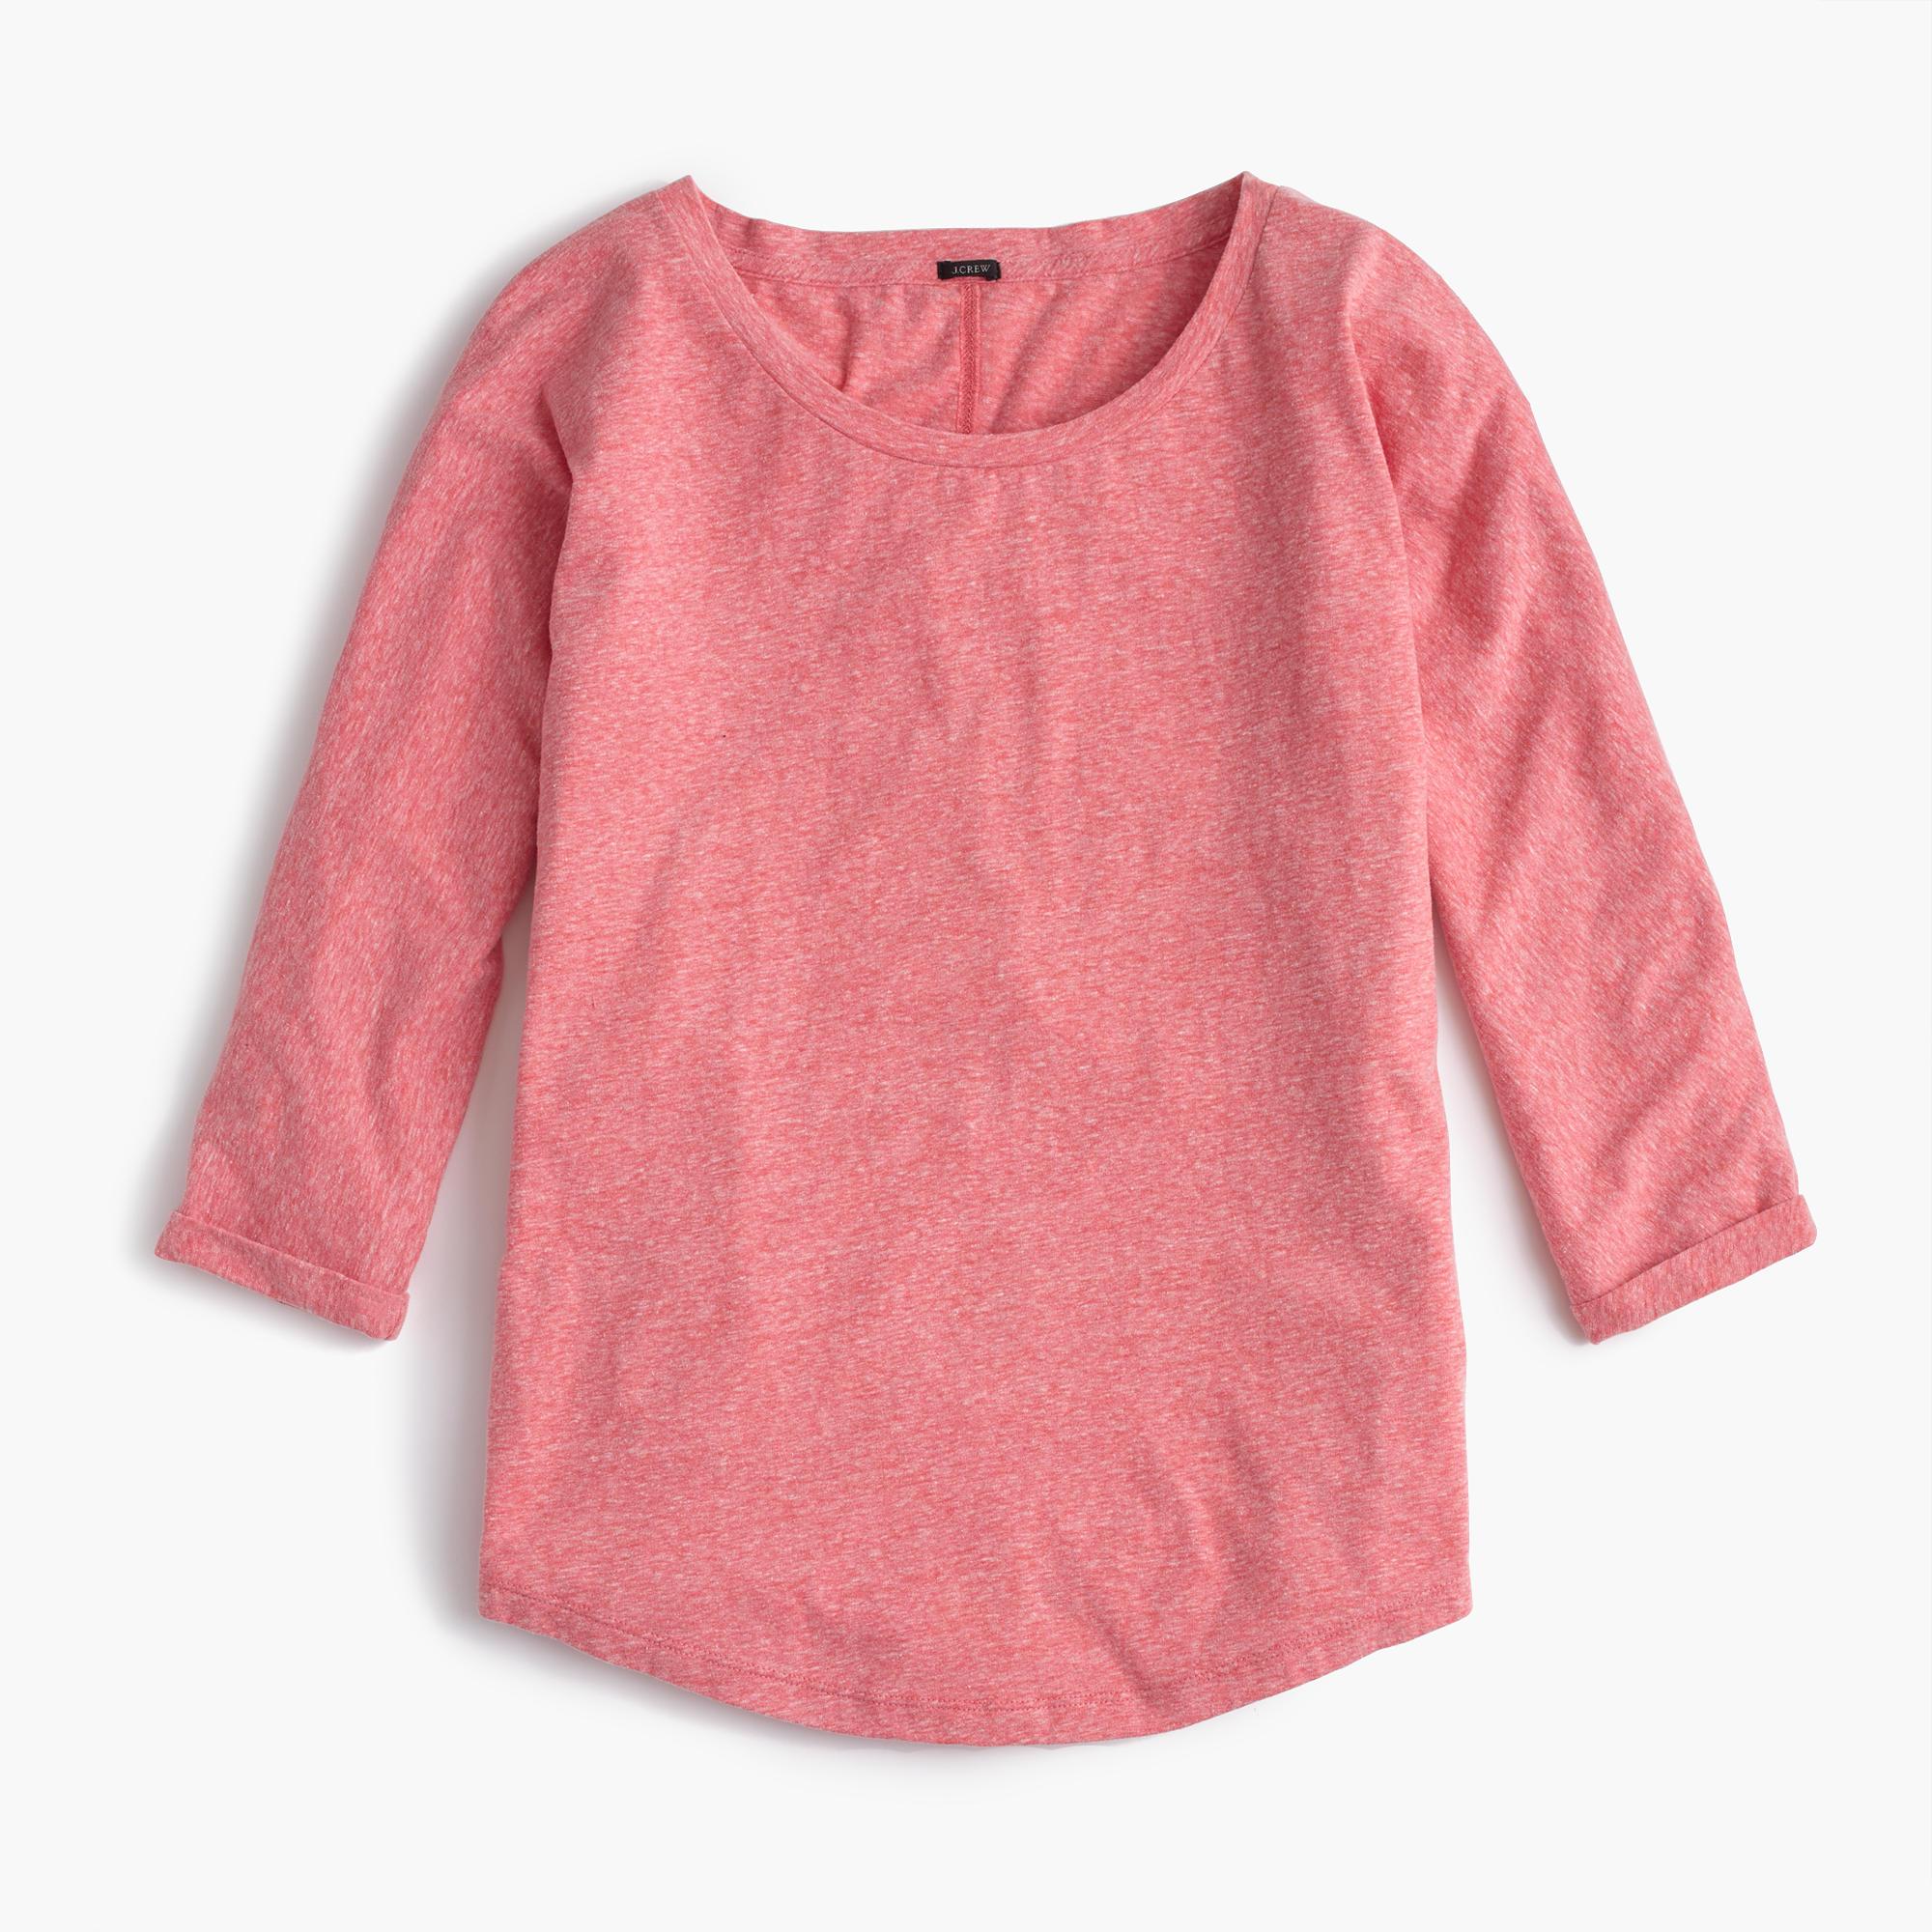 Dolman t shirt in slub cotton j crew for What is a slub shirt